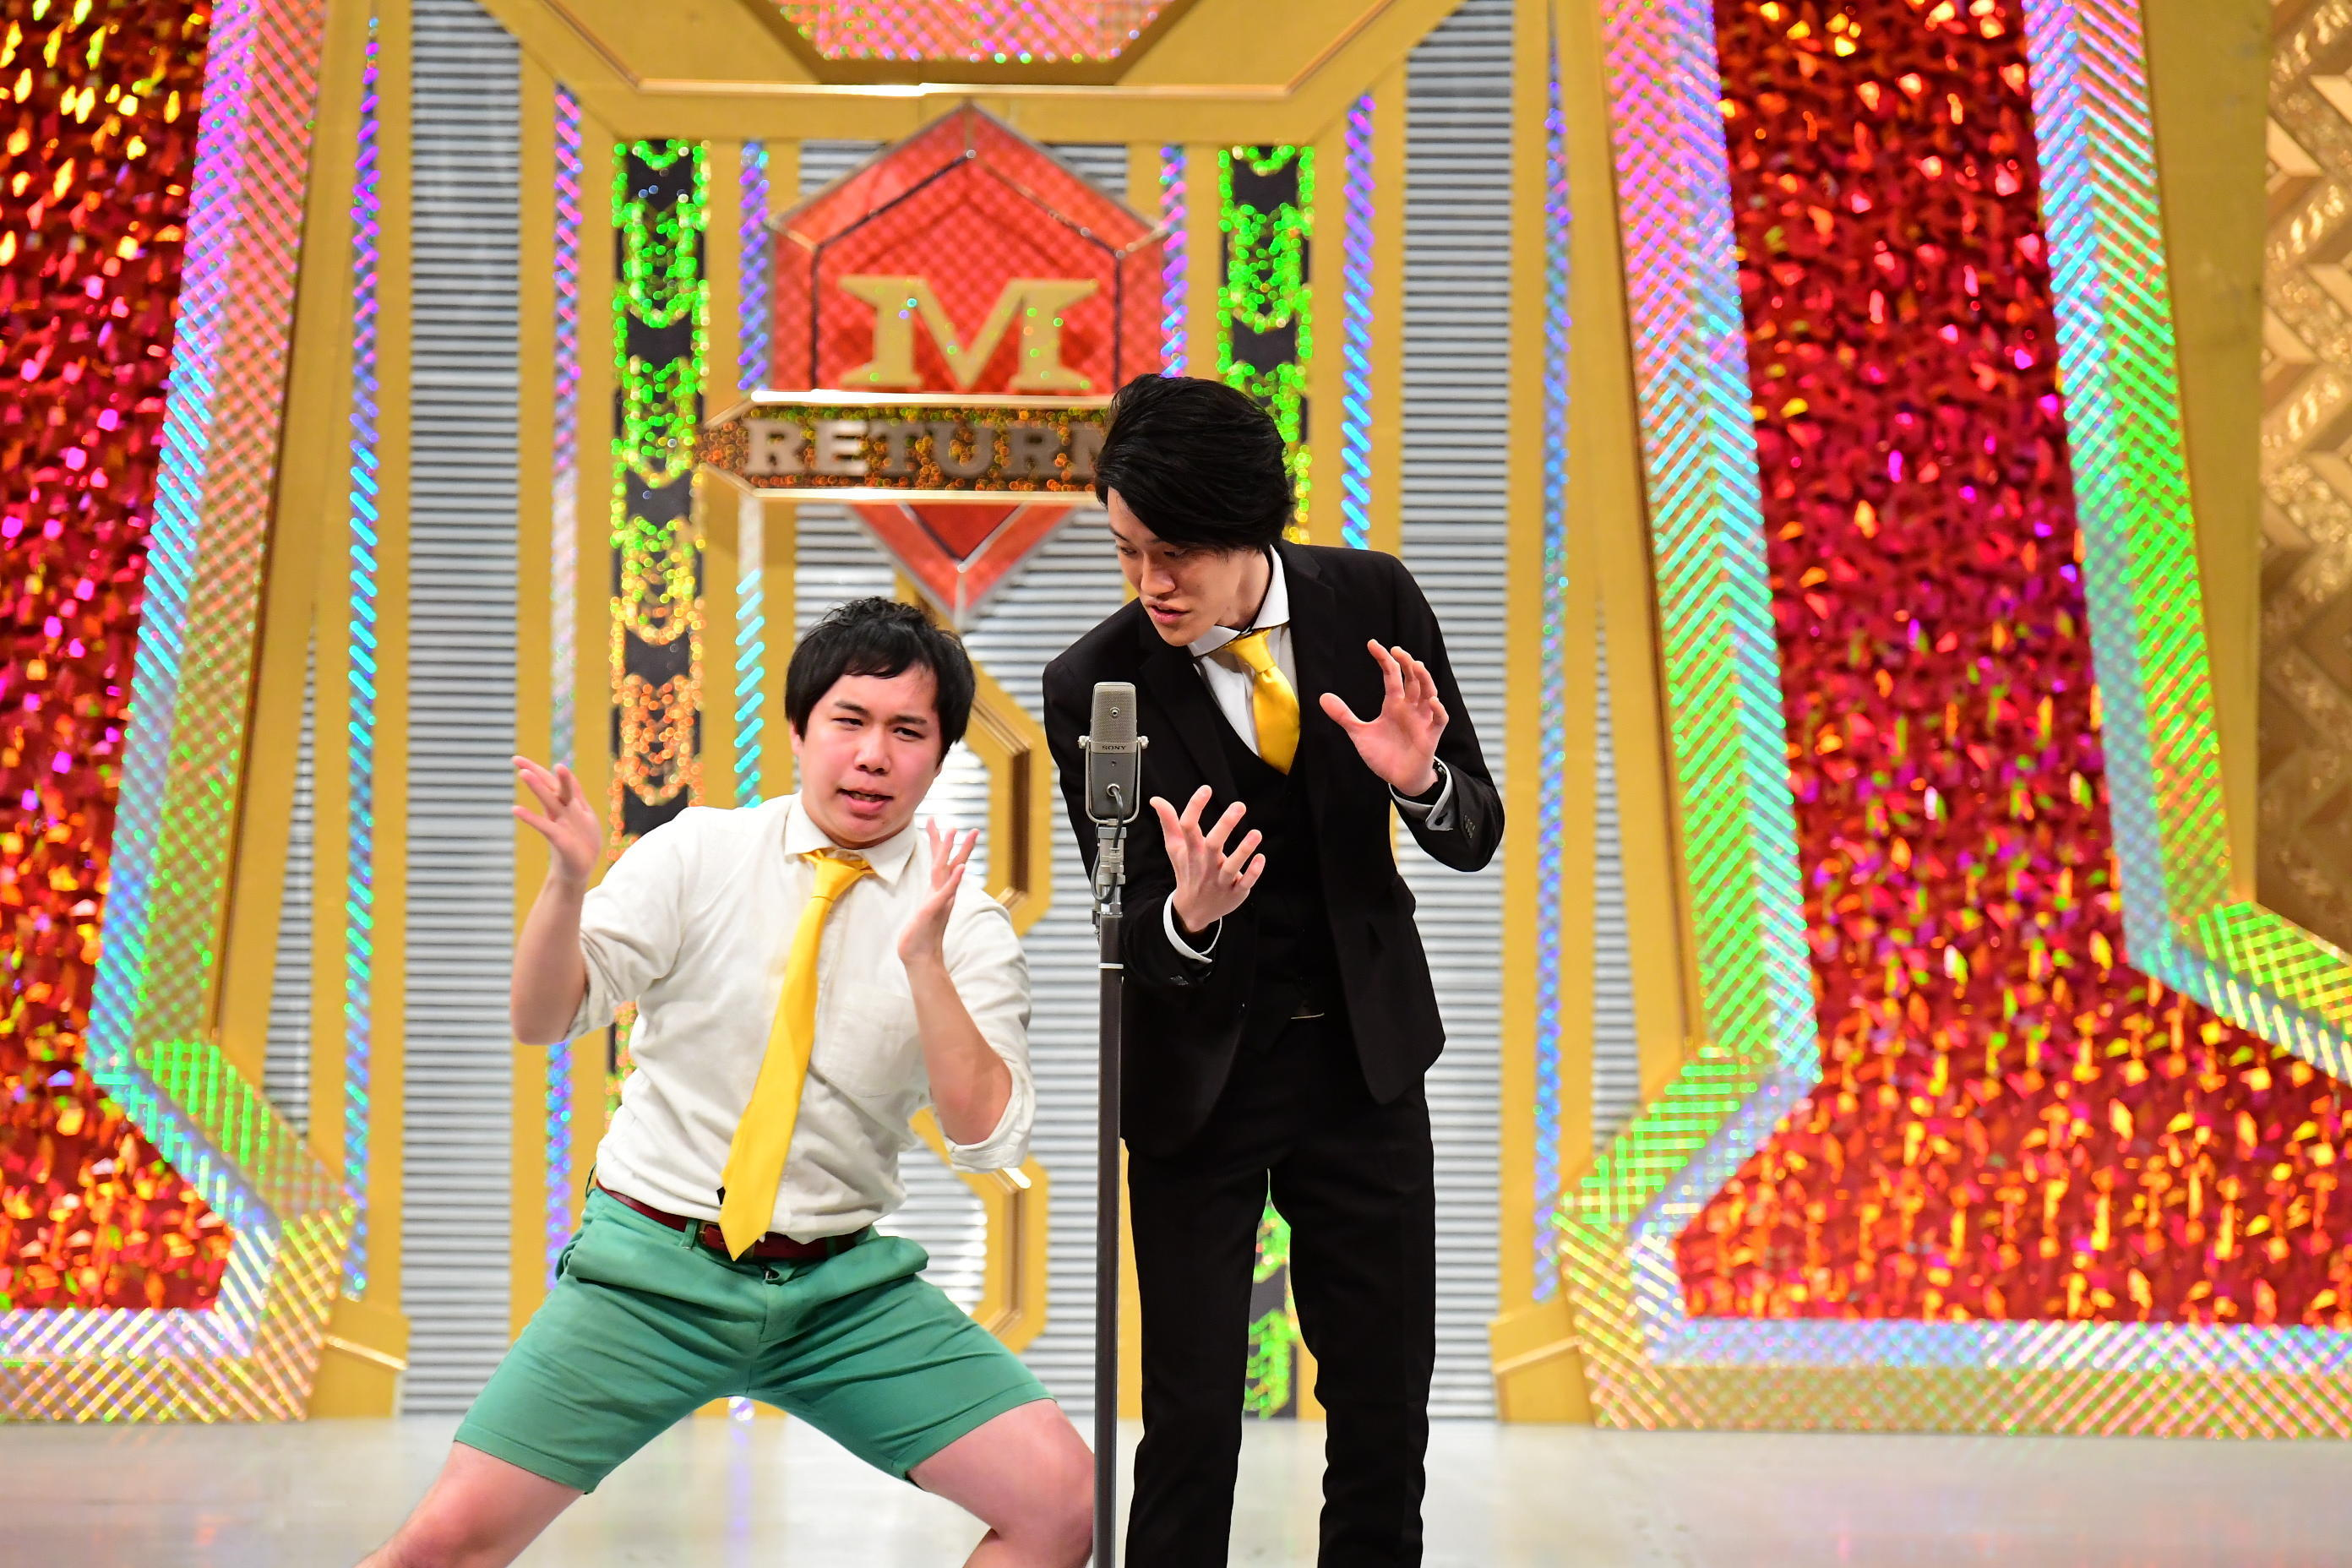 http://news.yoshimoto.co.jp/20170228155344-19428237fd5380cc1925abb0359ccd0ee7ed2c05.jpg